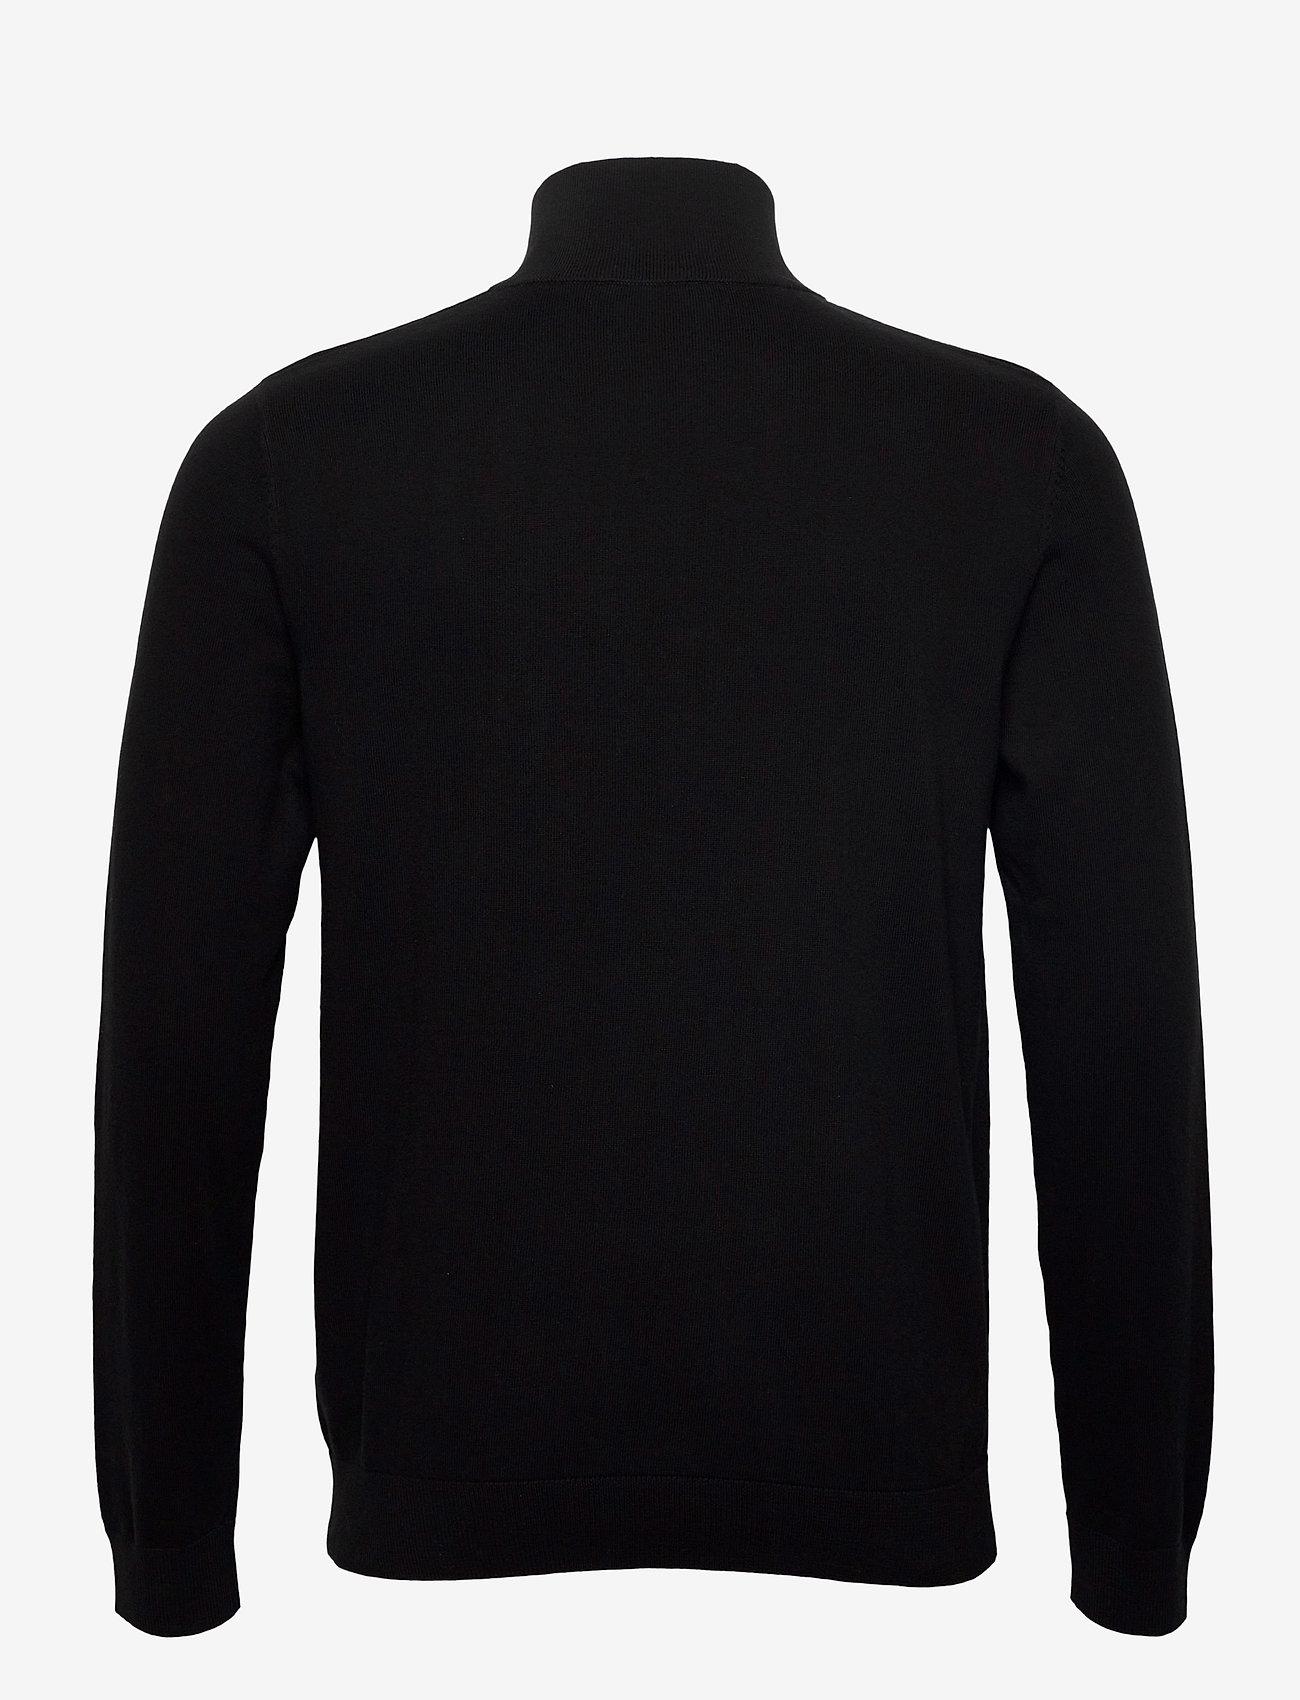 Selected Homme - SLHBERG HALF ZIP CARDIGAN  - half zip - black - 1